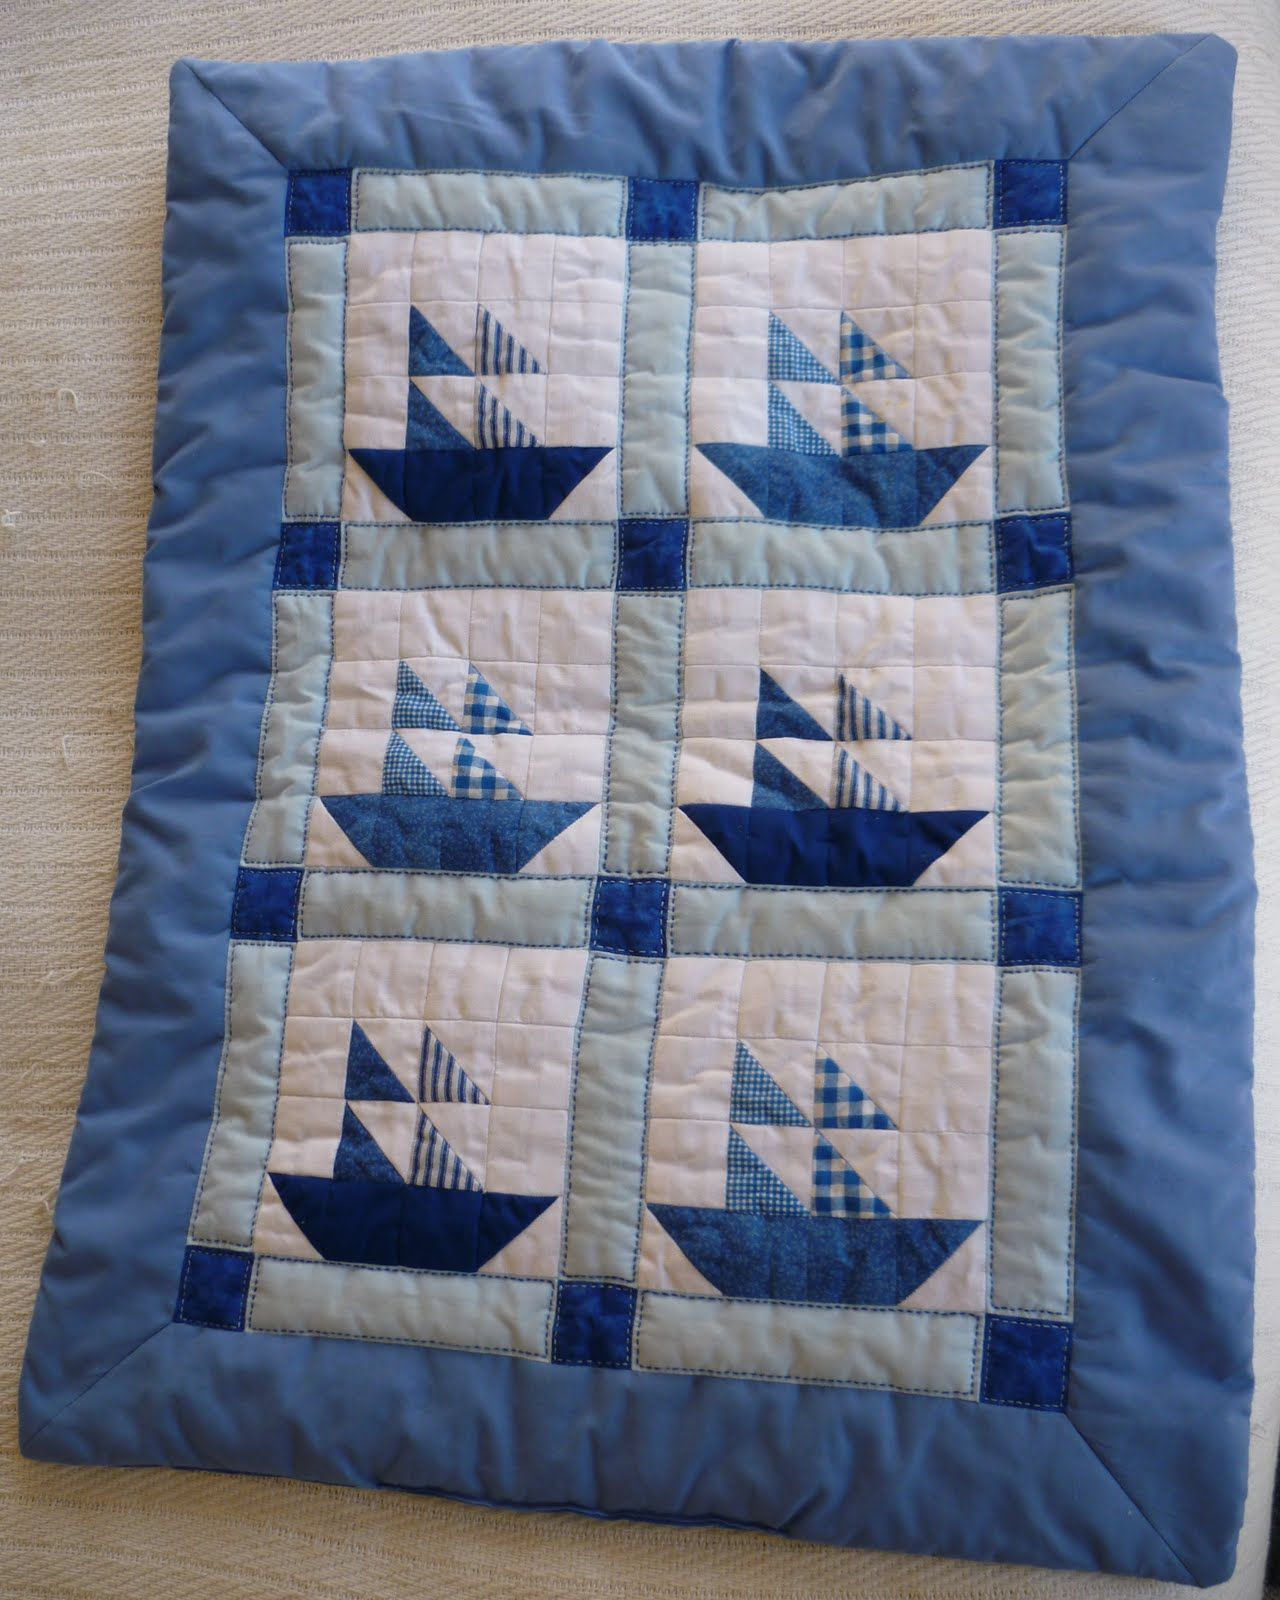 Amil creaciones colchas beb patchwork patchwork - Colchas patchwork infantiles ...